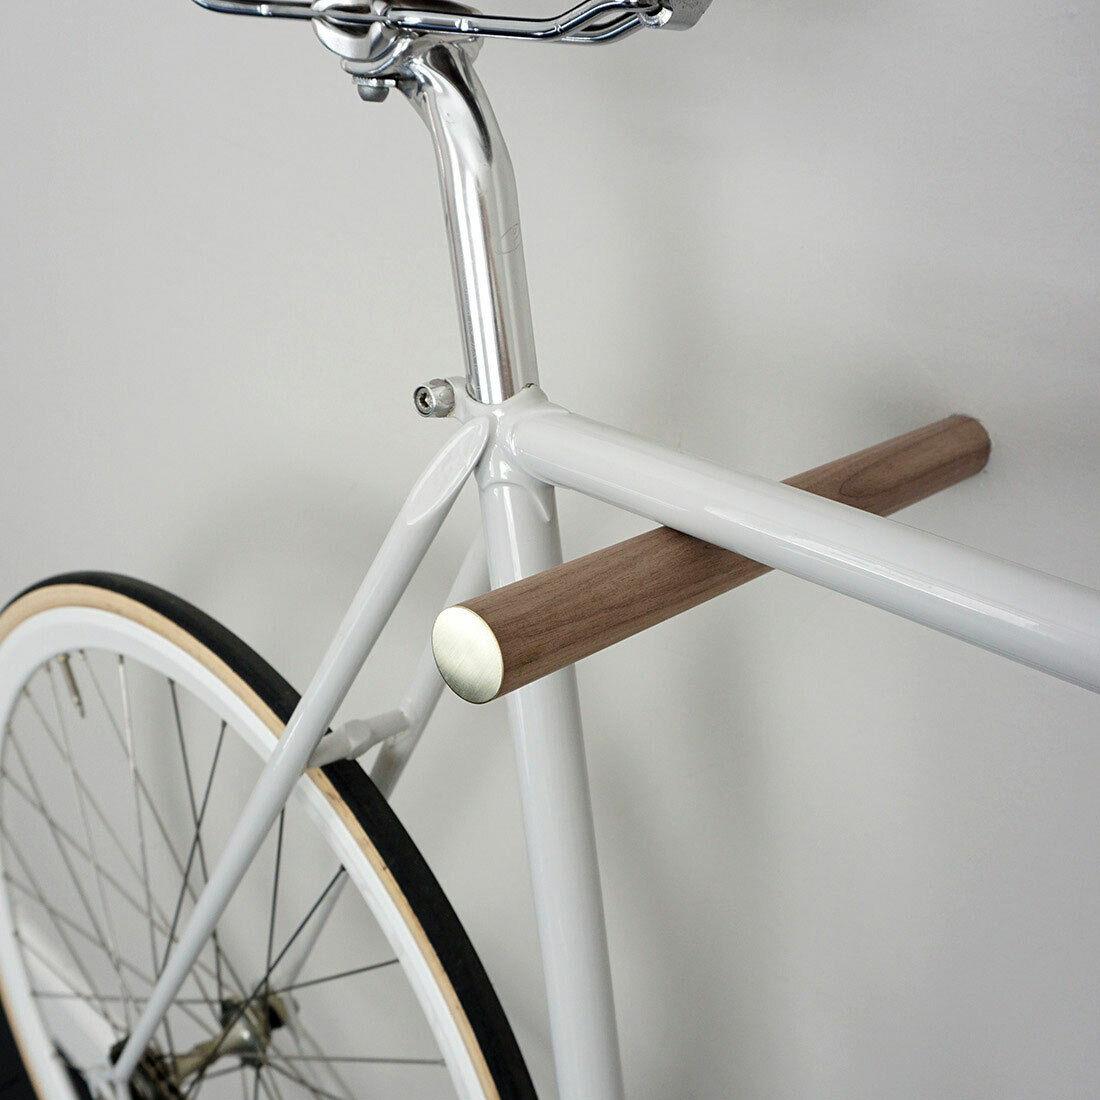 MURO BICICLETTA SUPPORTO BICI Hooks massiccio legno Bicicletta Staffa muro Supporto a parete